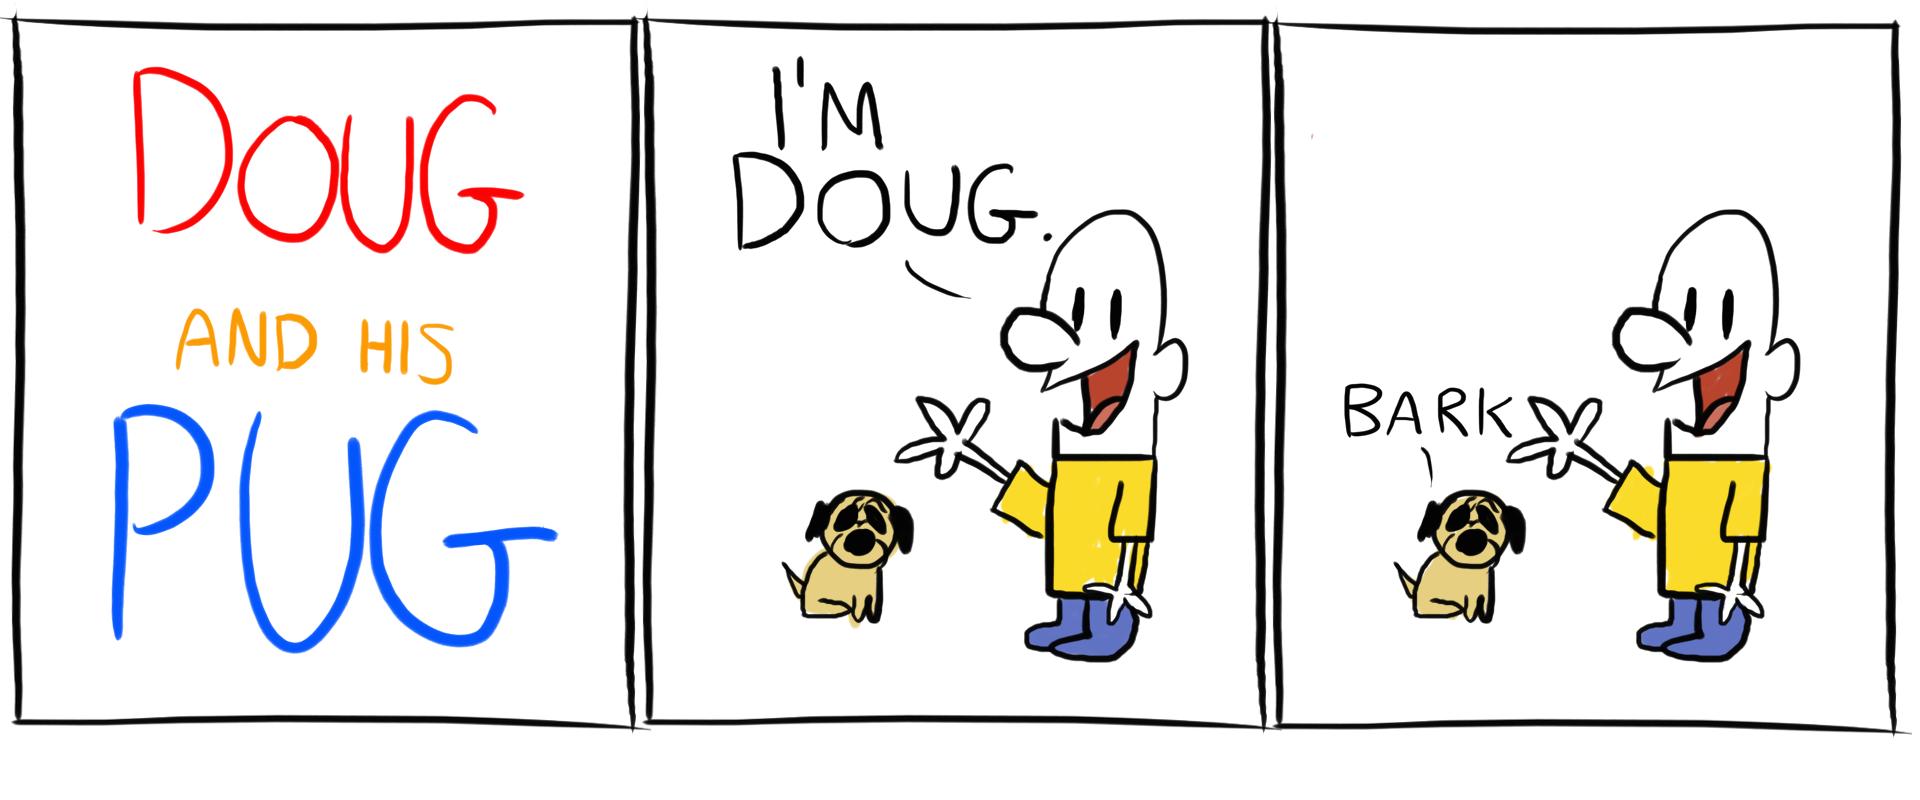 Doug and his Pug